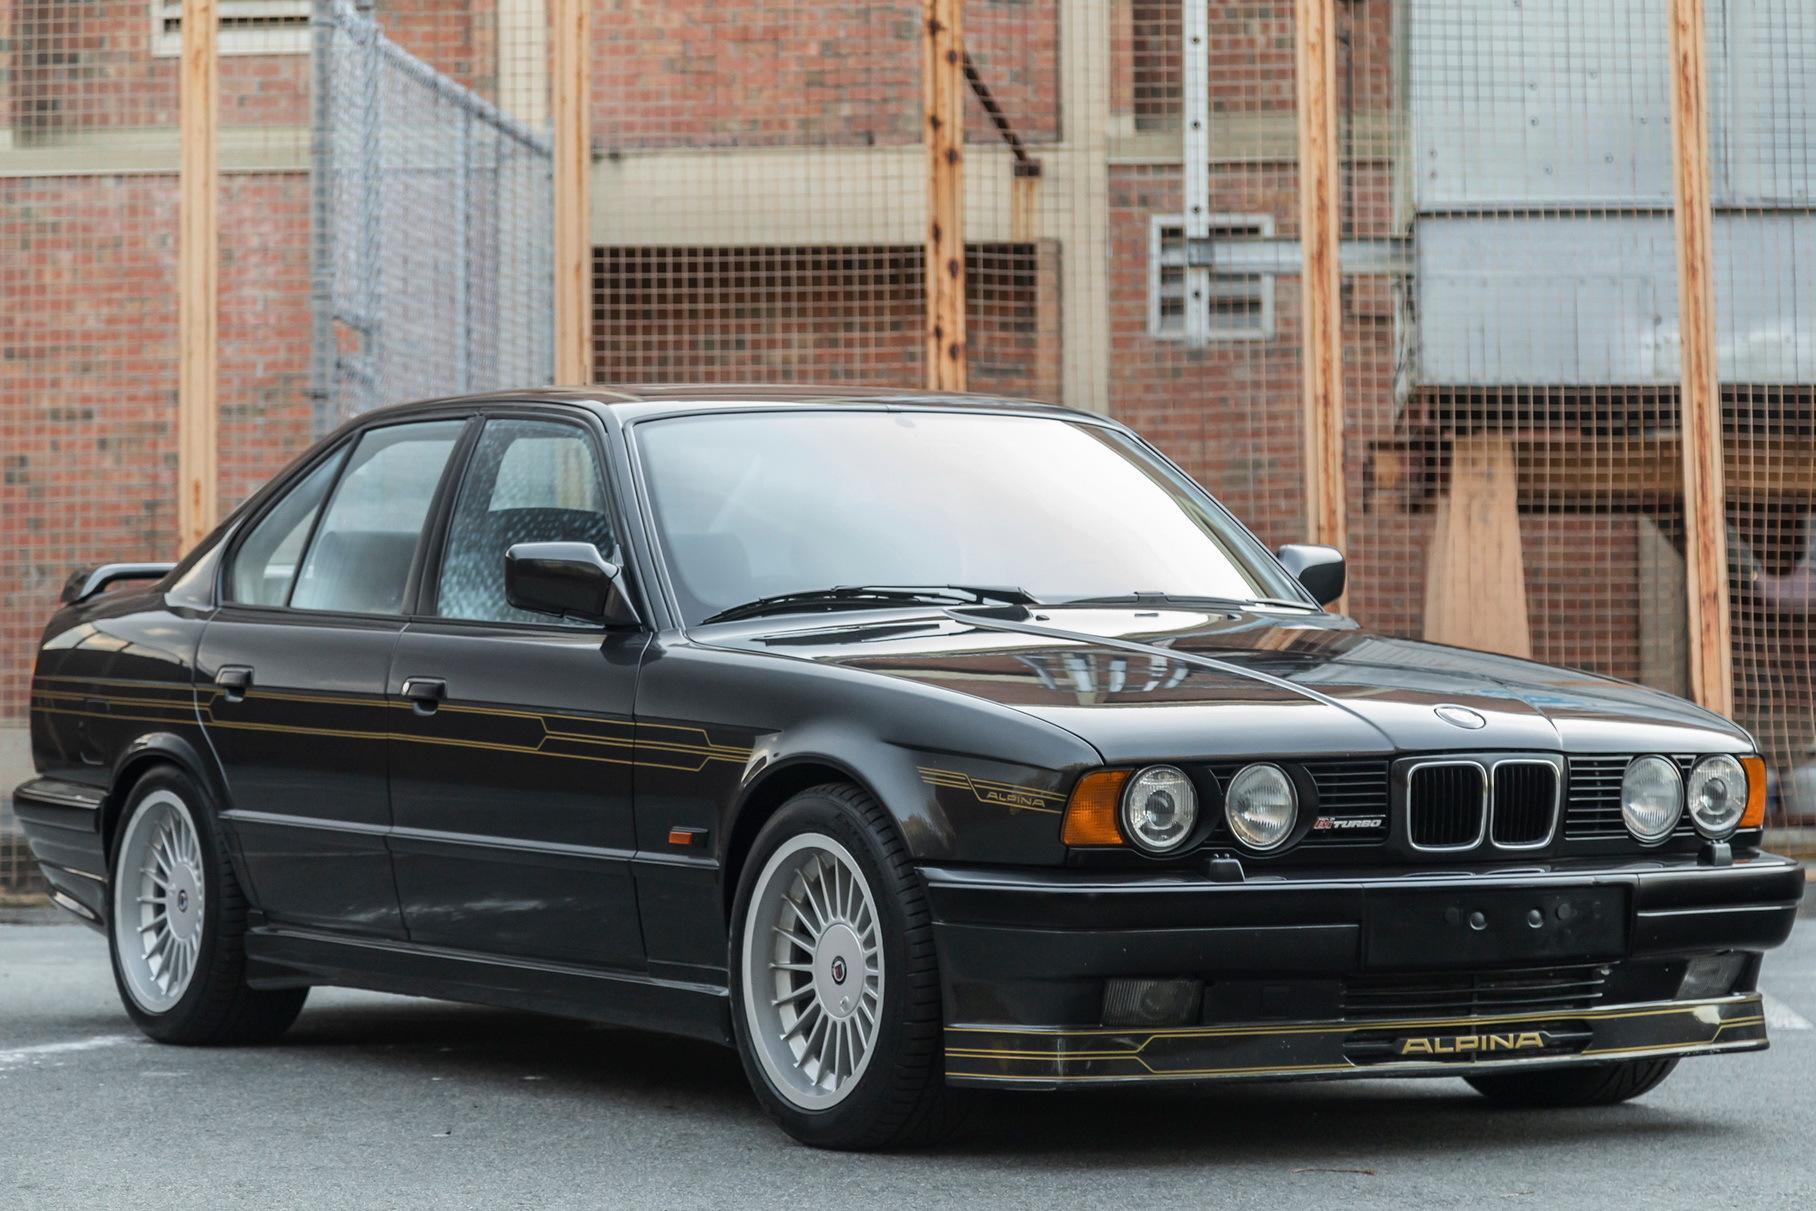 На аукционе Bring-a-Trailer будет продан редчайший седан BMW Alpina B10 Biturbo: тираж модели на базе «пятёрки» E34 составил всего 507 штук.